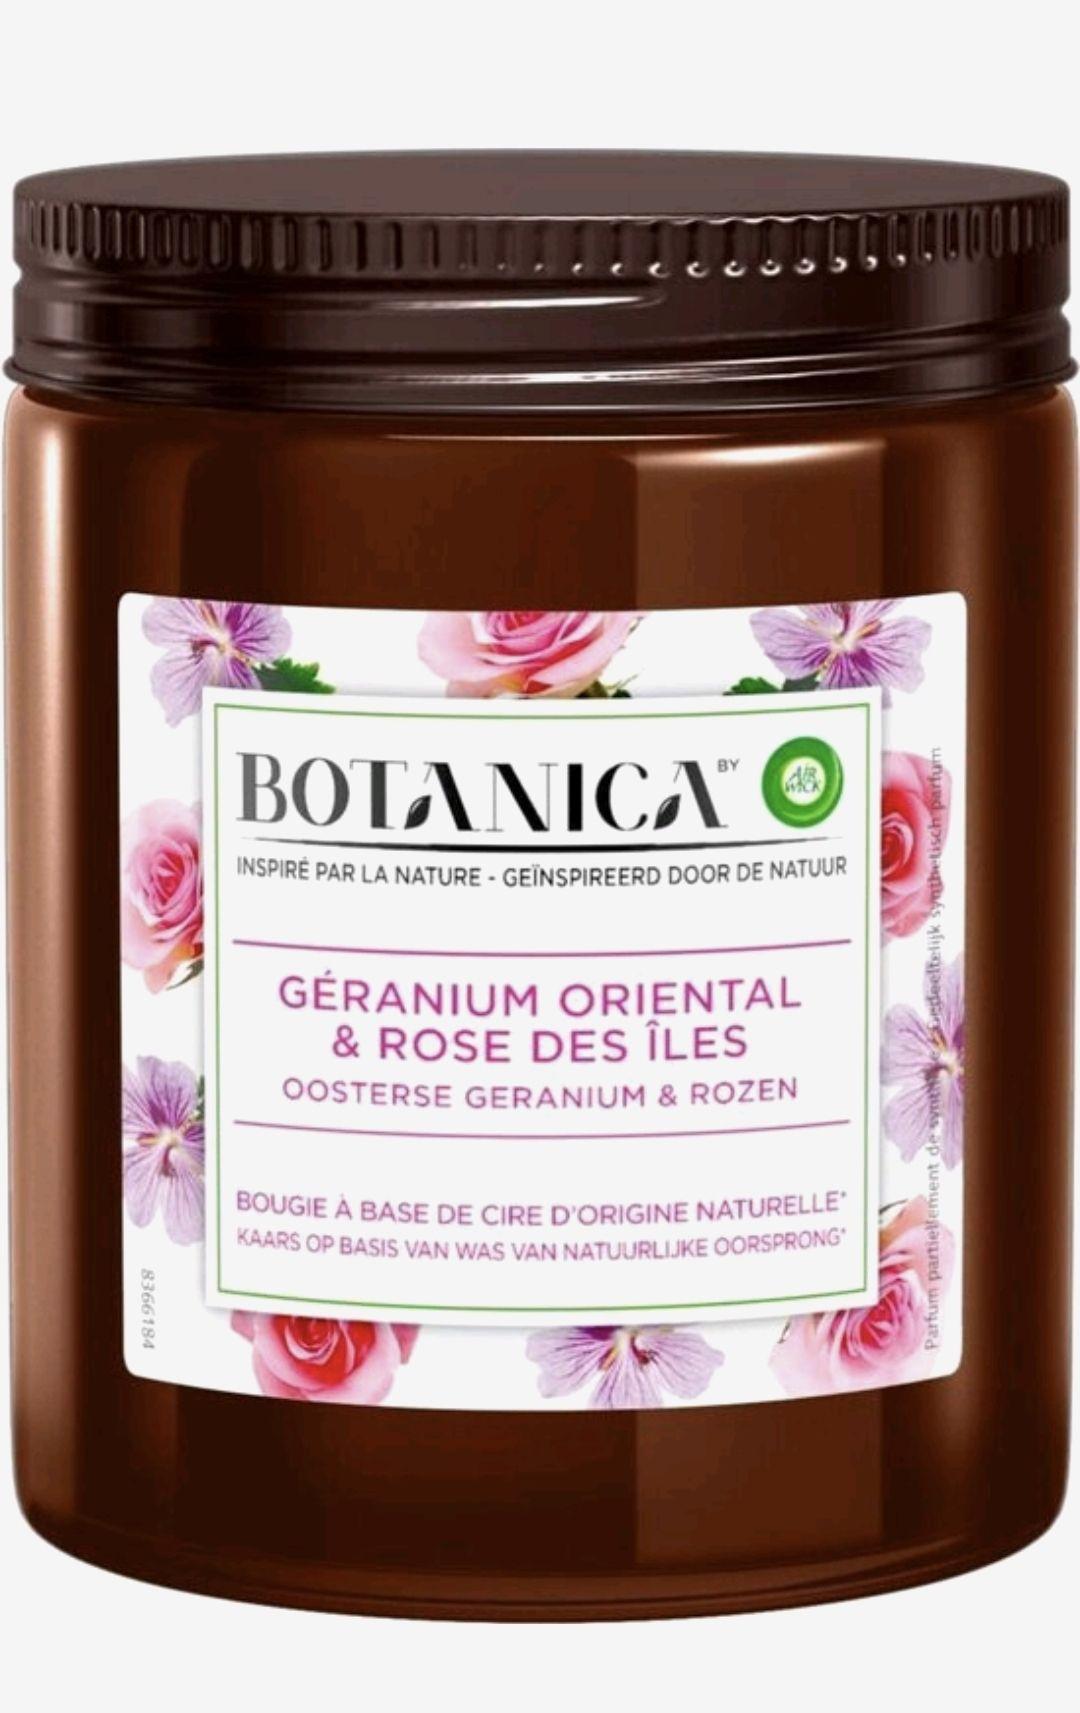 Botanica by Air Wick Geurkaars - Oosterse Geranium & Rozen - 3 Stuks - Voordeelverpakking